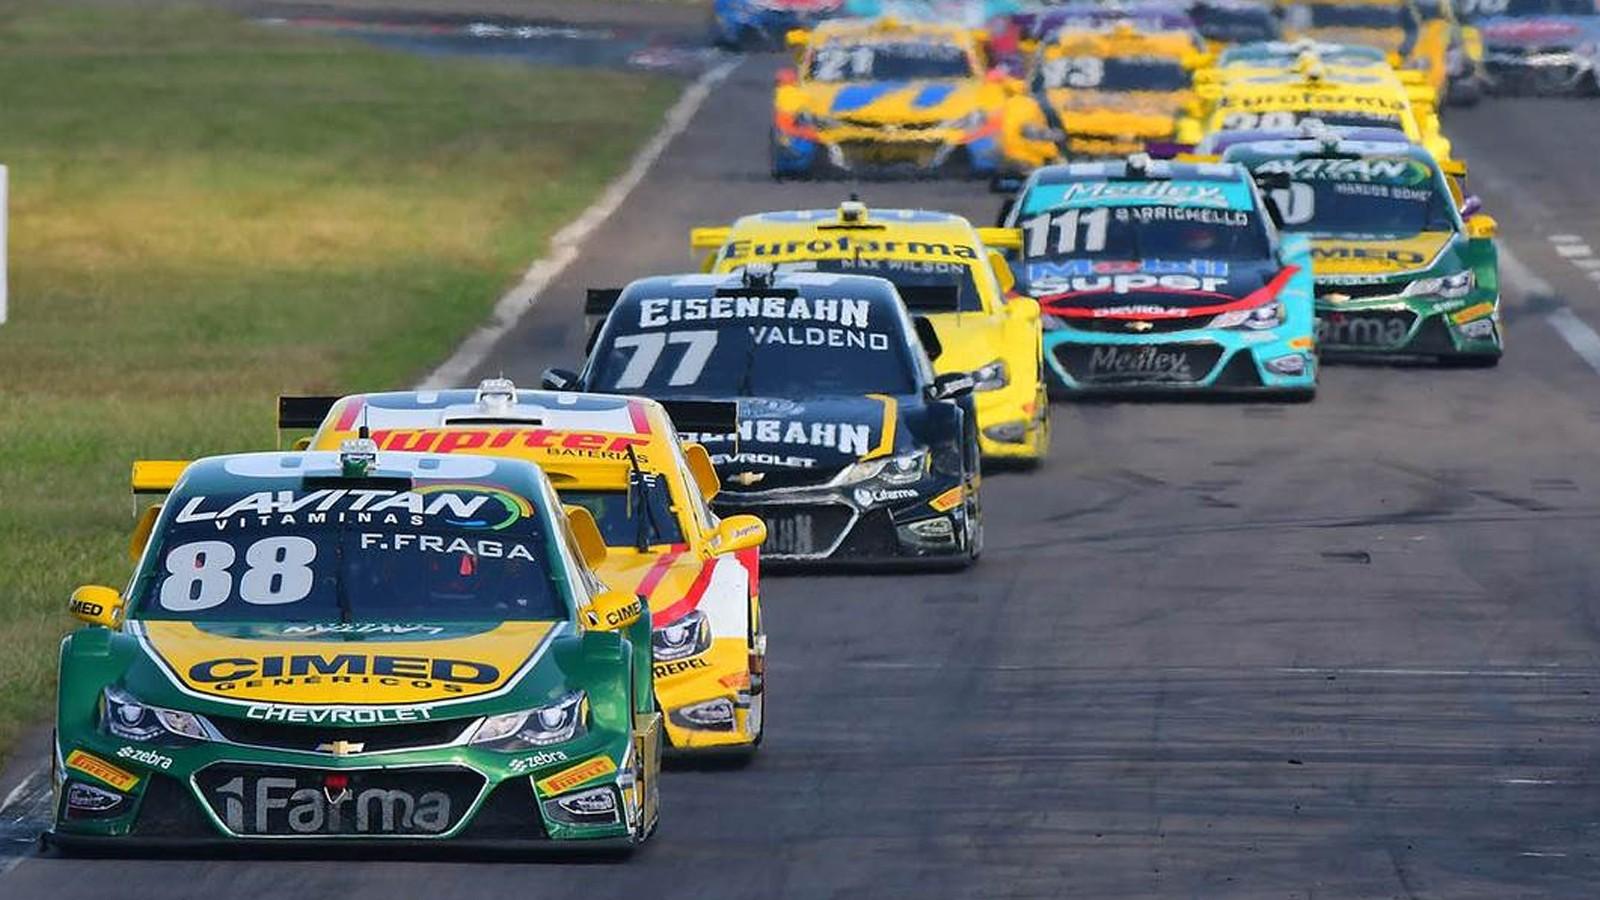 Com a entrada do carro de segurança, Fraga conseguiu economizar combustível para manter o primeiro lugar (Foto: Divulgação/Vicar)